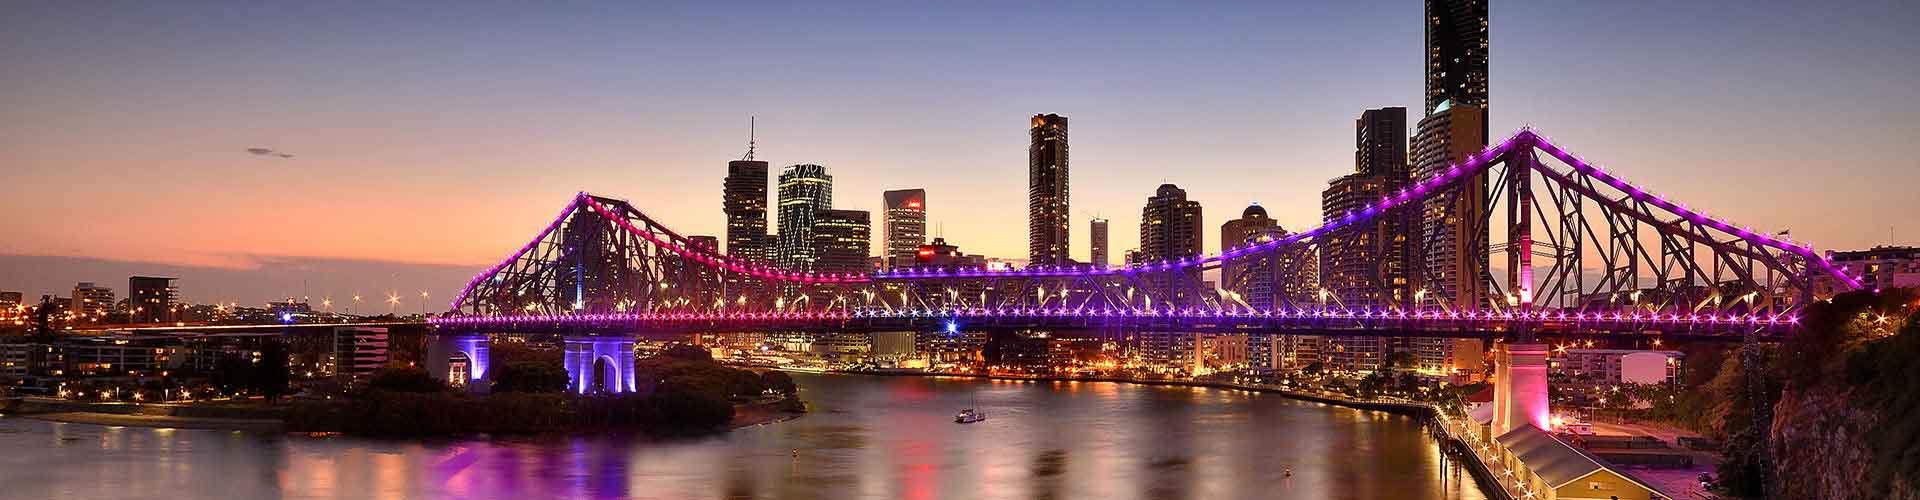 브리즈번 - Brisbane City지역에 위치한 아파트. 브리즈번의 지도, 브리즈번에 위치한 아파트에 대한 사진 및 리뷰.